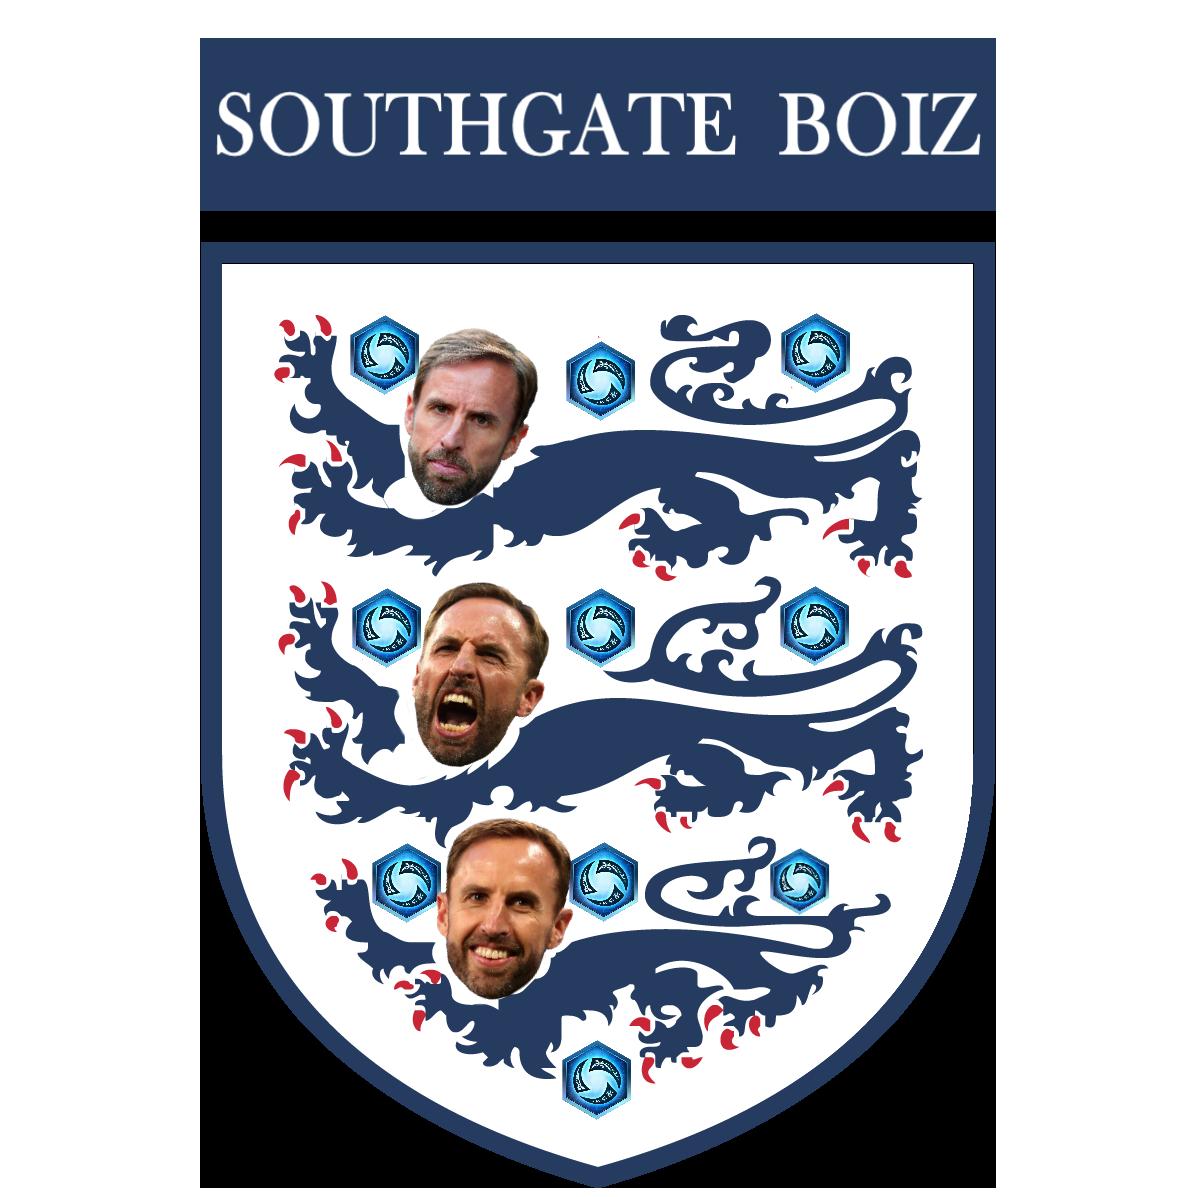 Southgate Boiz